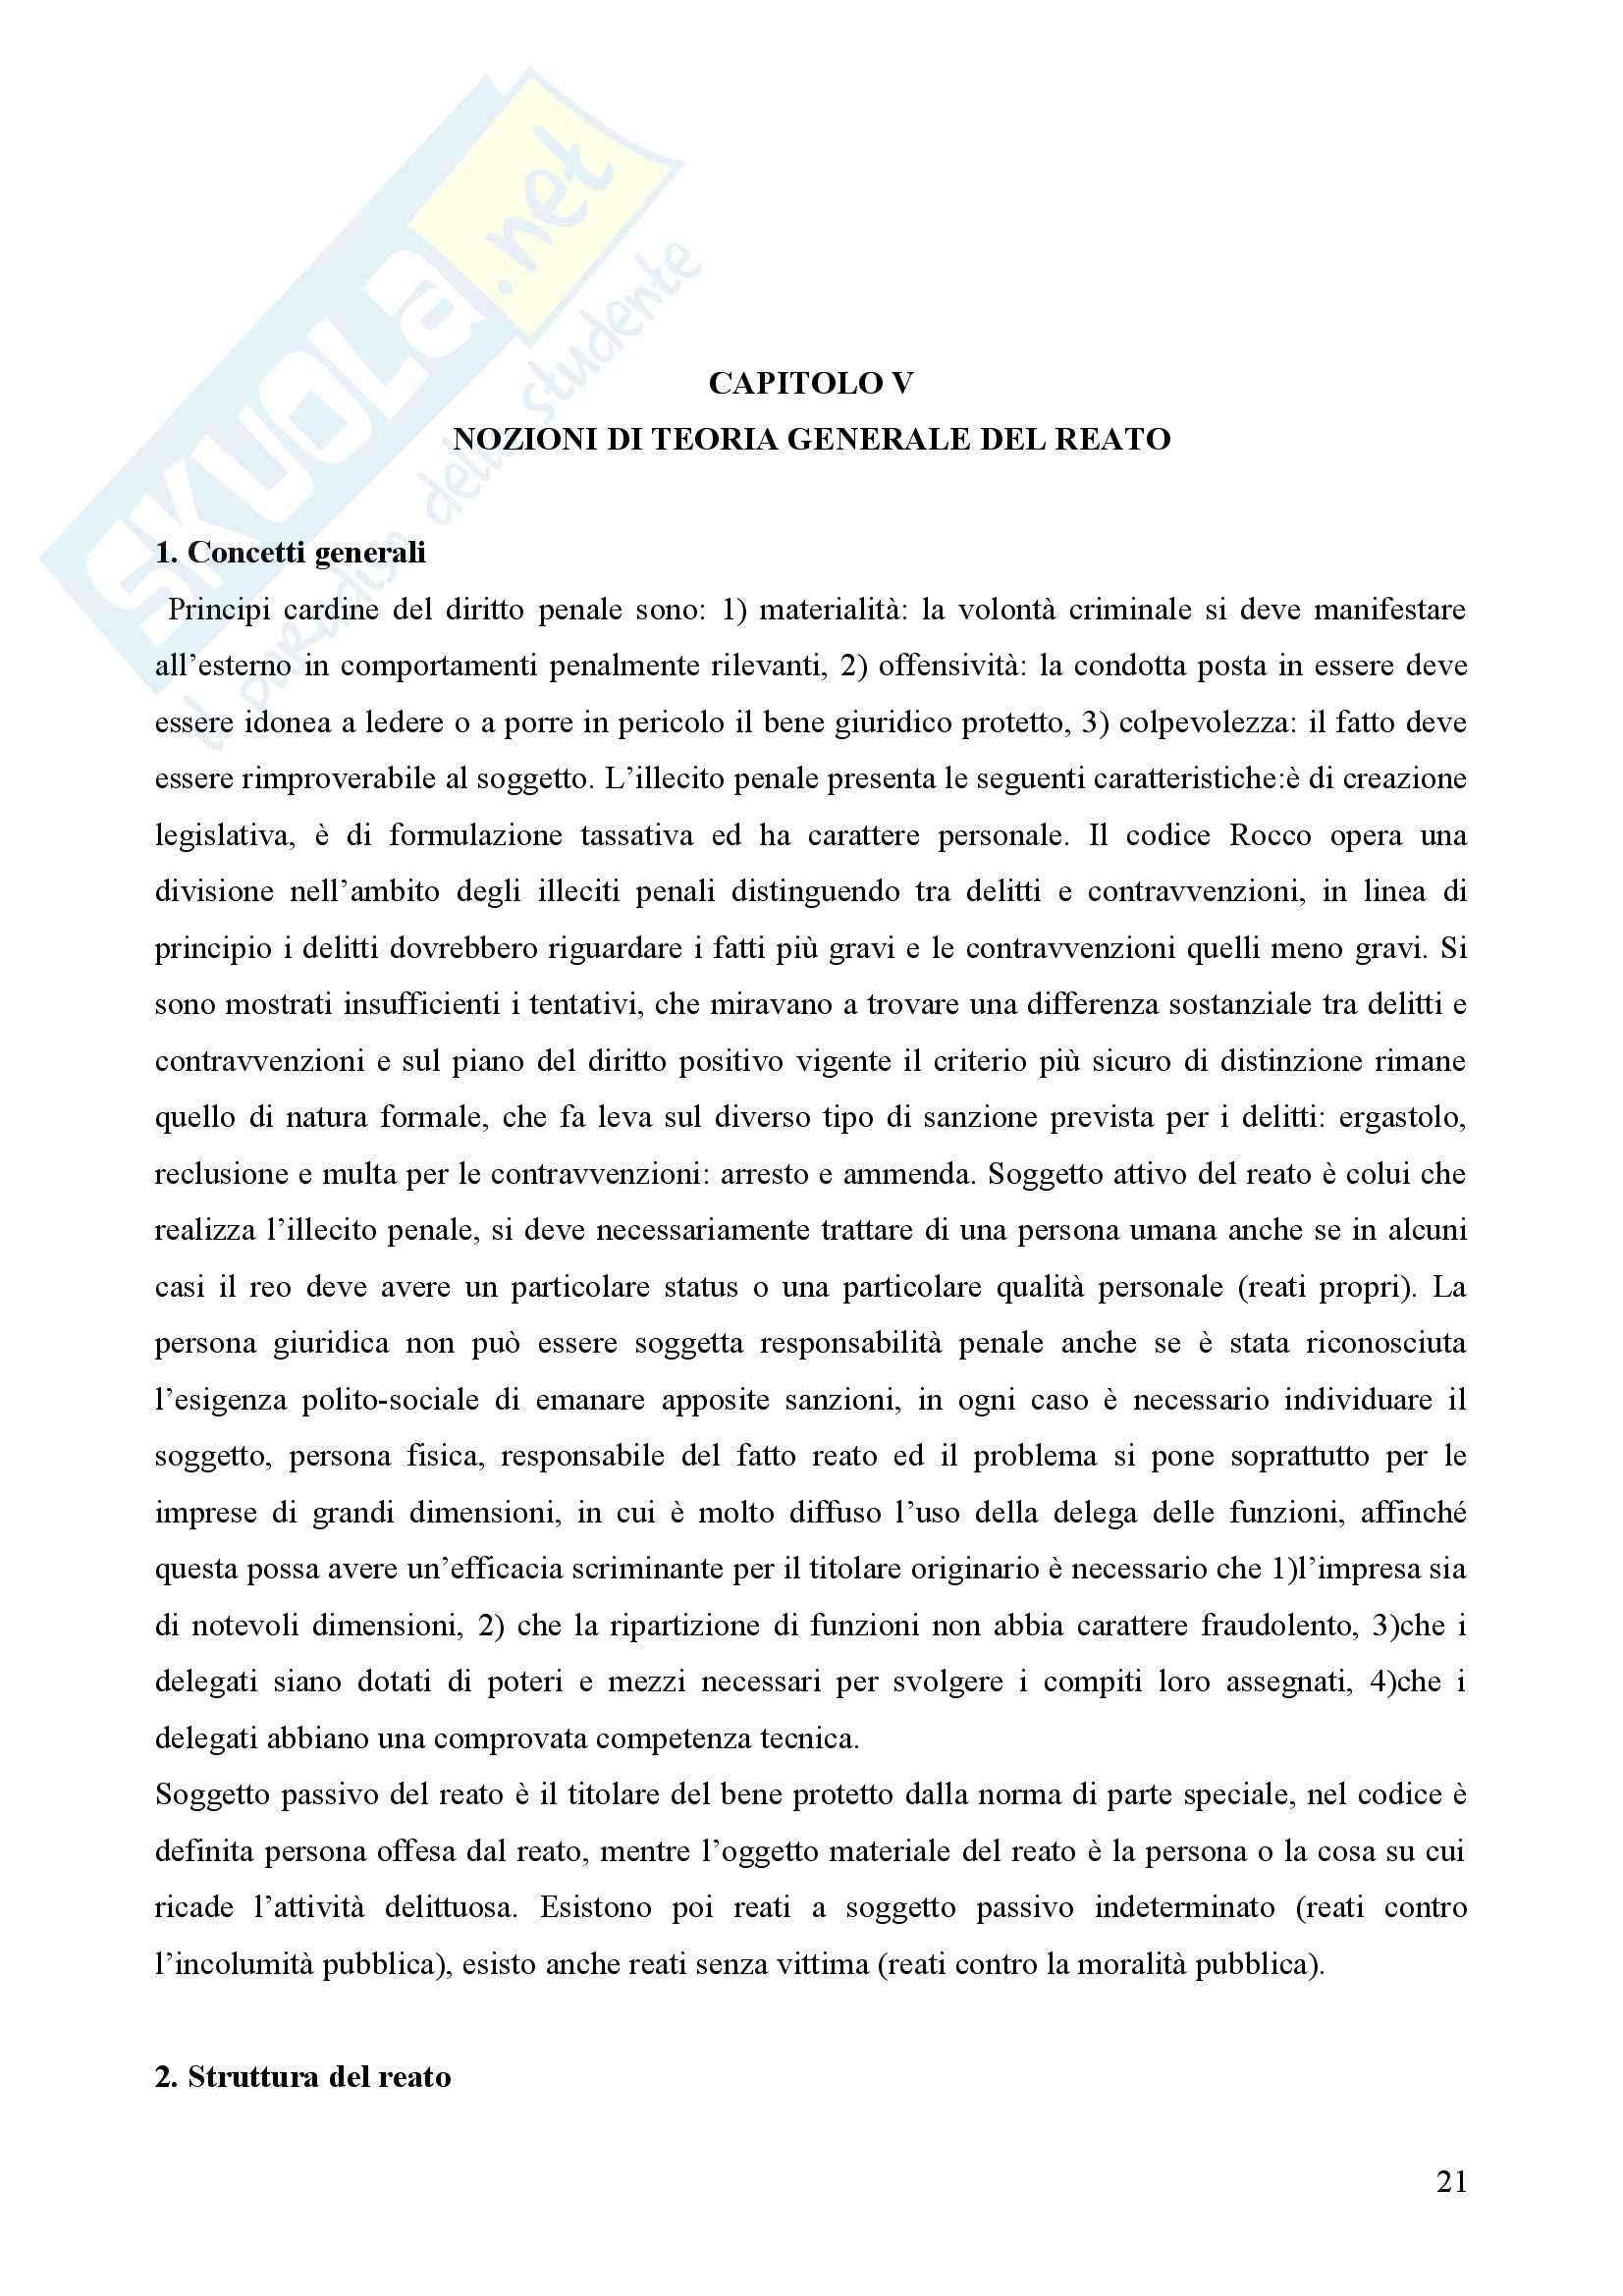 Diritto penale - Appunti Pag. 21